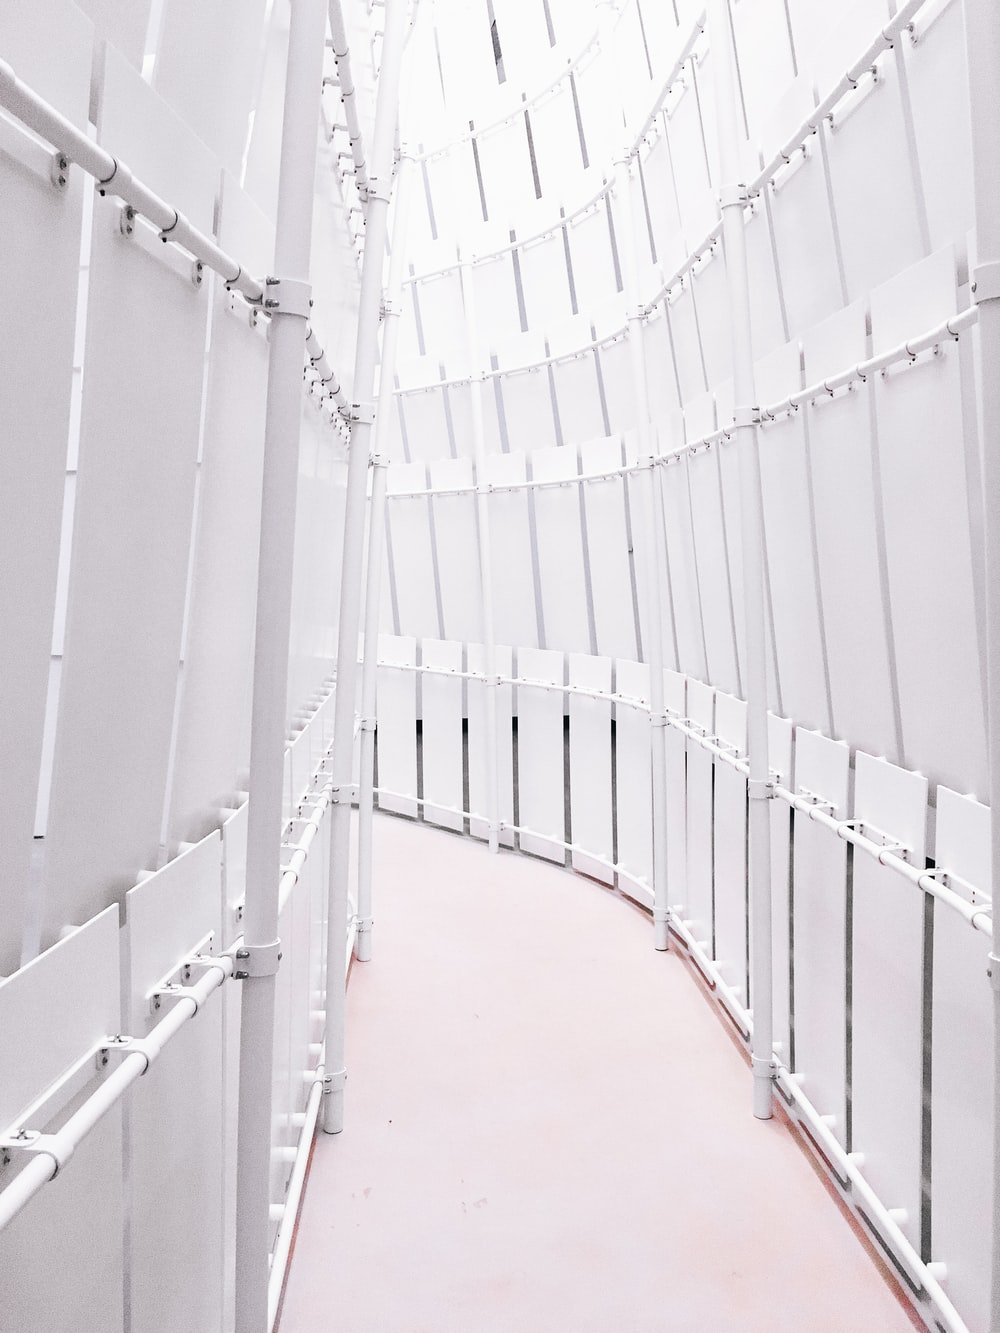 narrow pathway between enclosed area